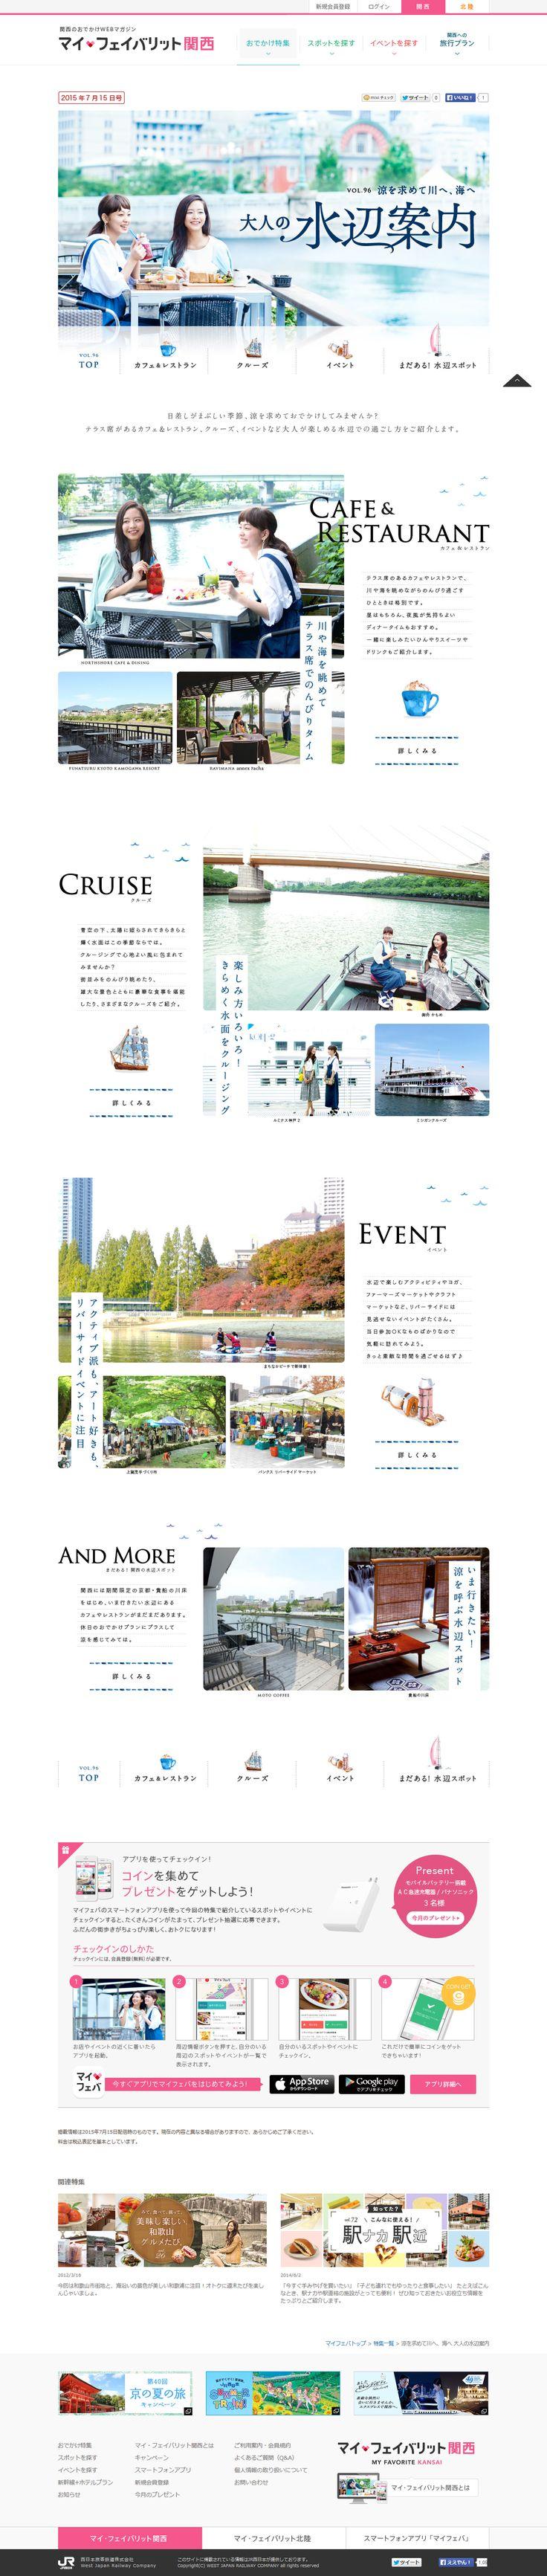 Japanese style / webpage / text layout / photo choice -  #webdesign